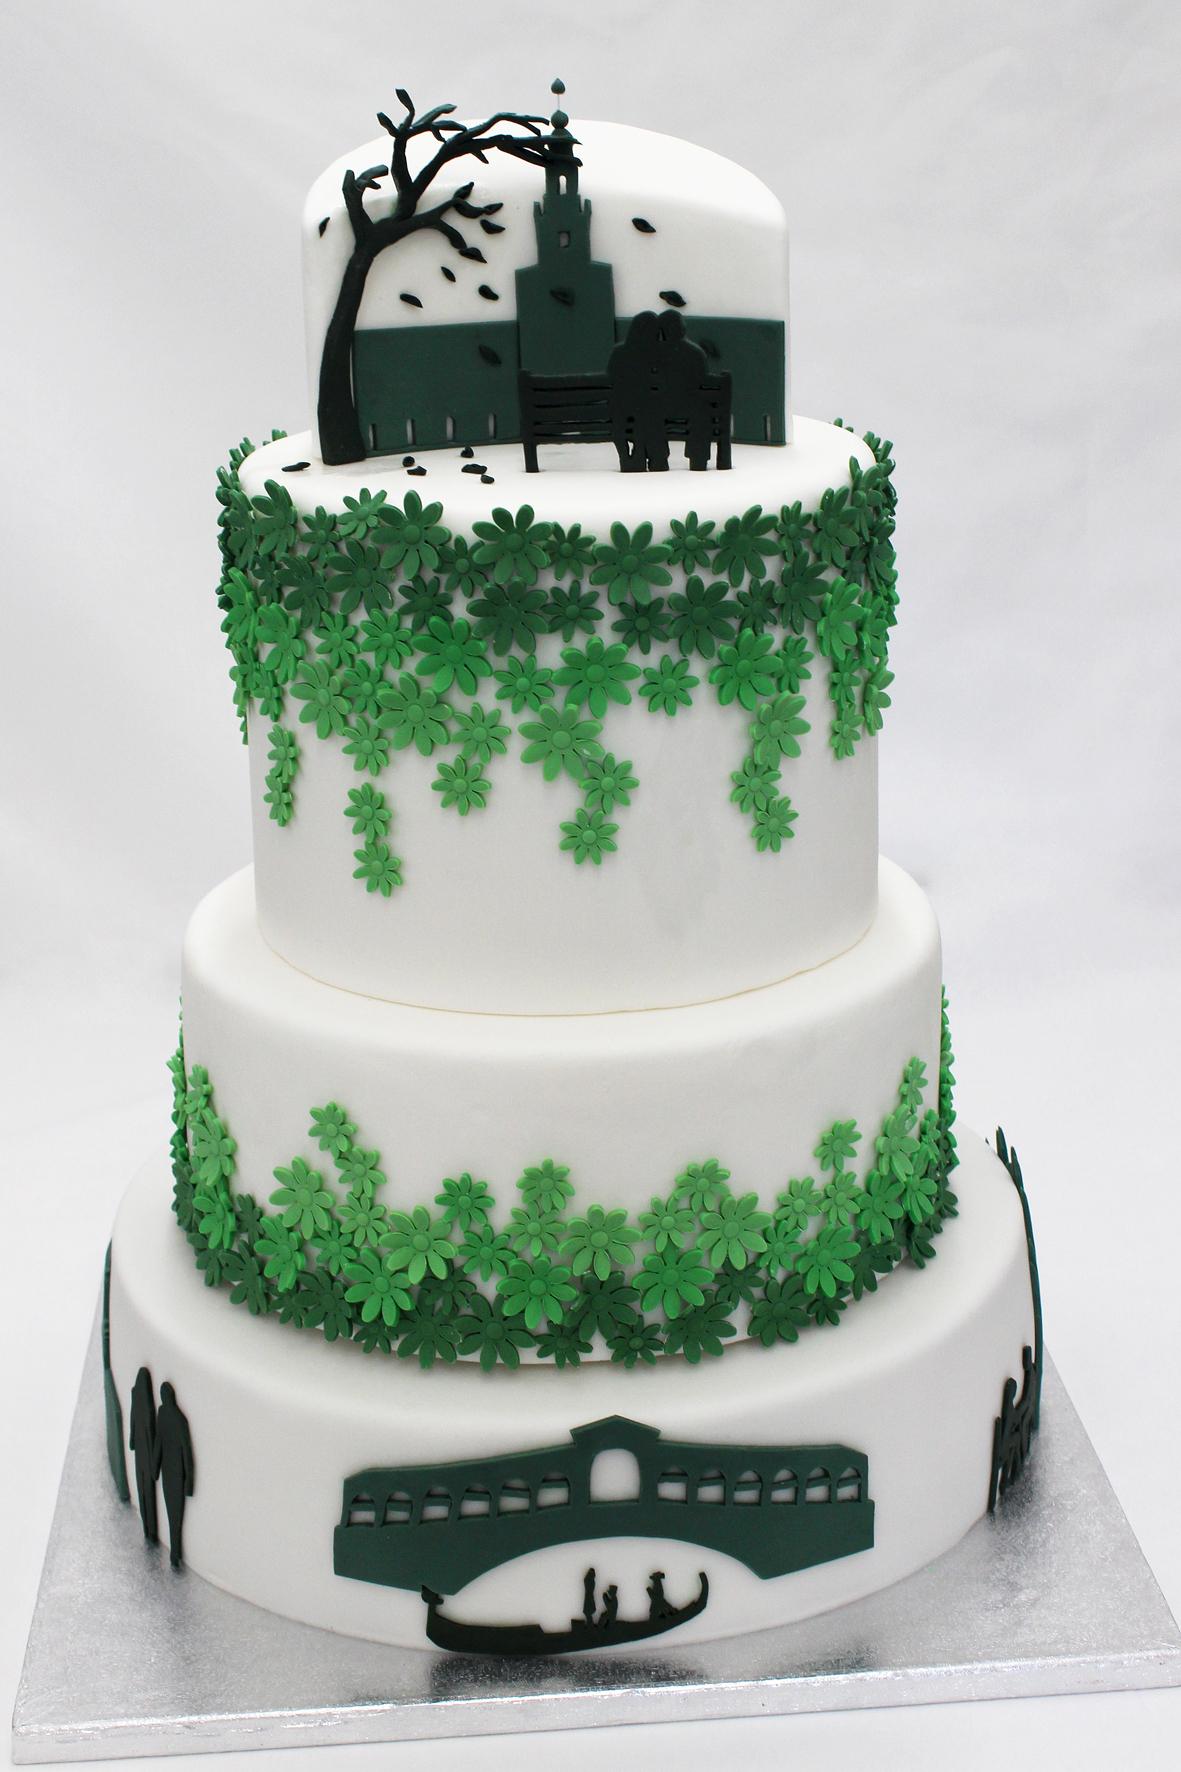 Il cake design è per noi la perfetta fusione tra gusto estetico e gusto del palato.